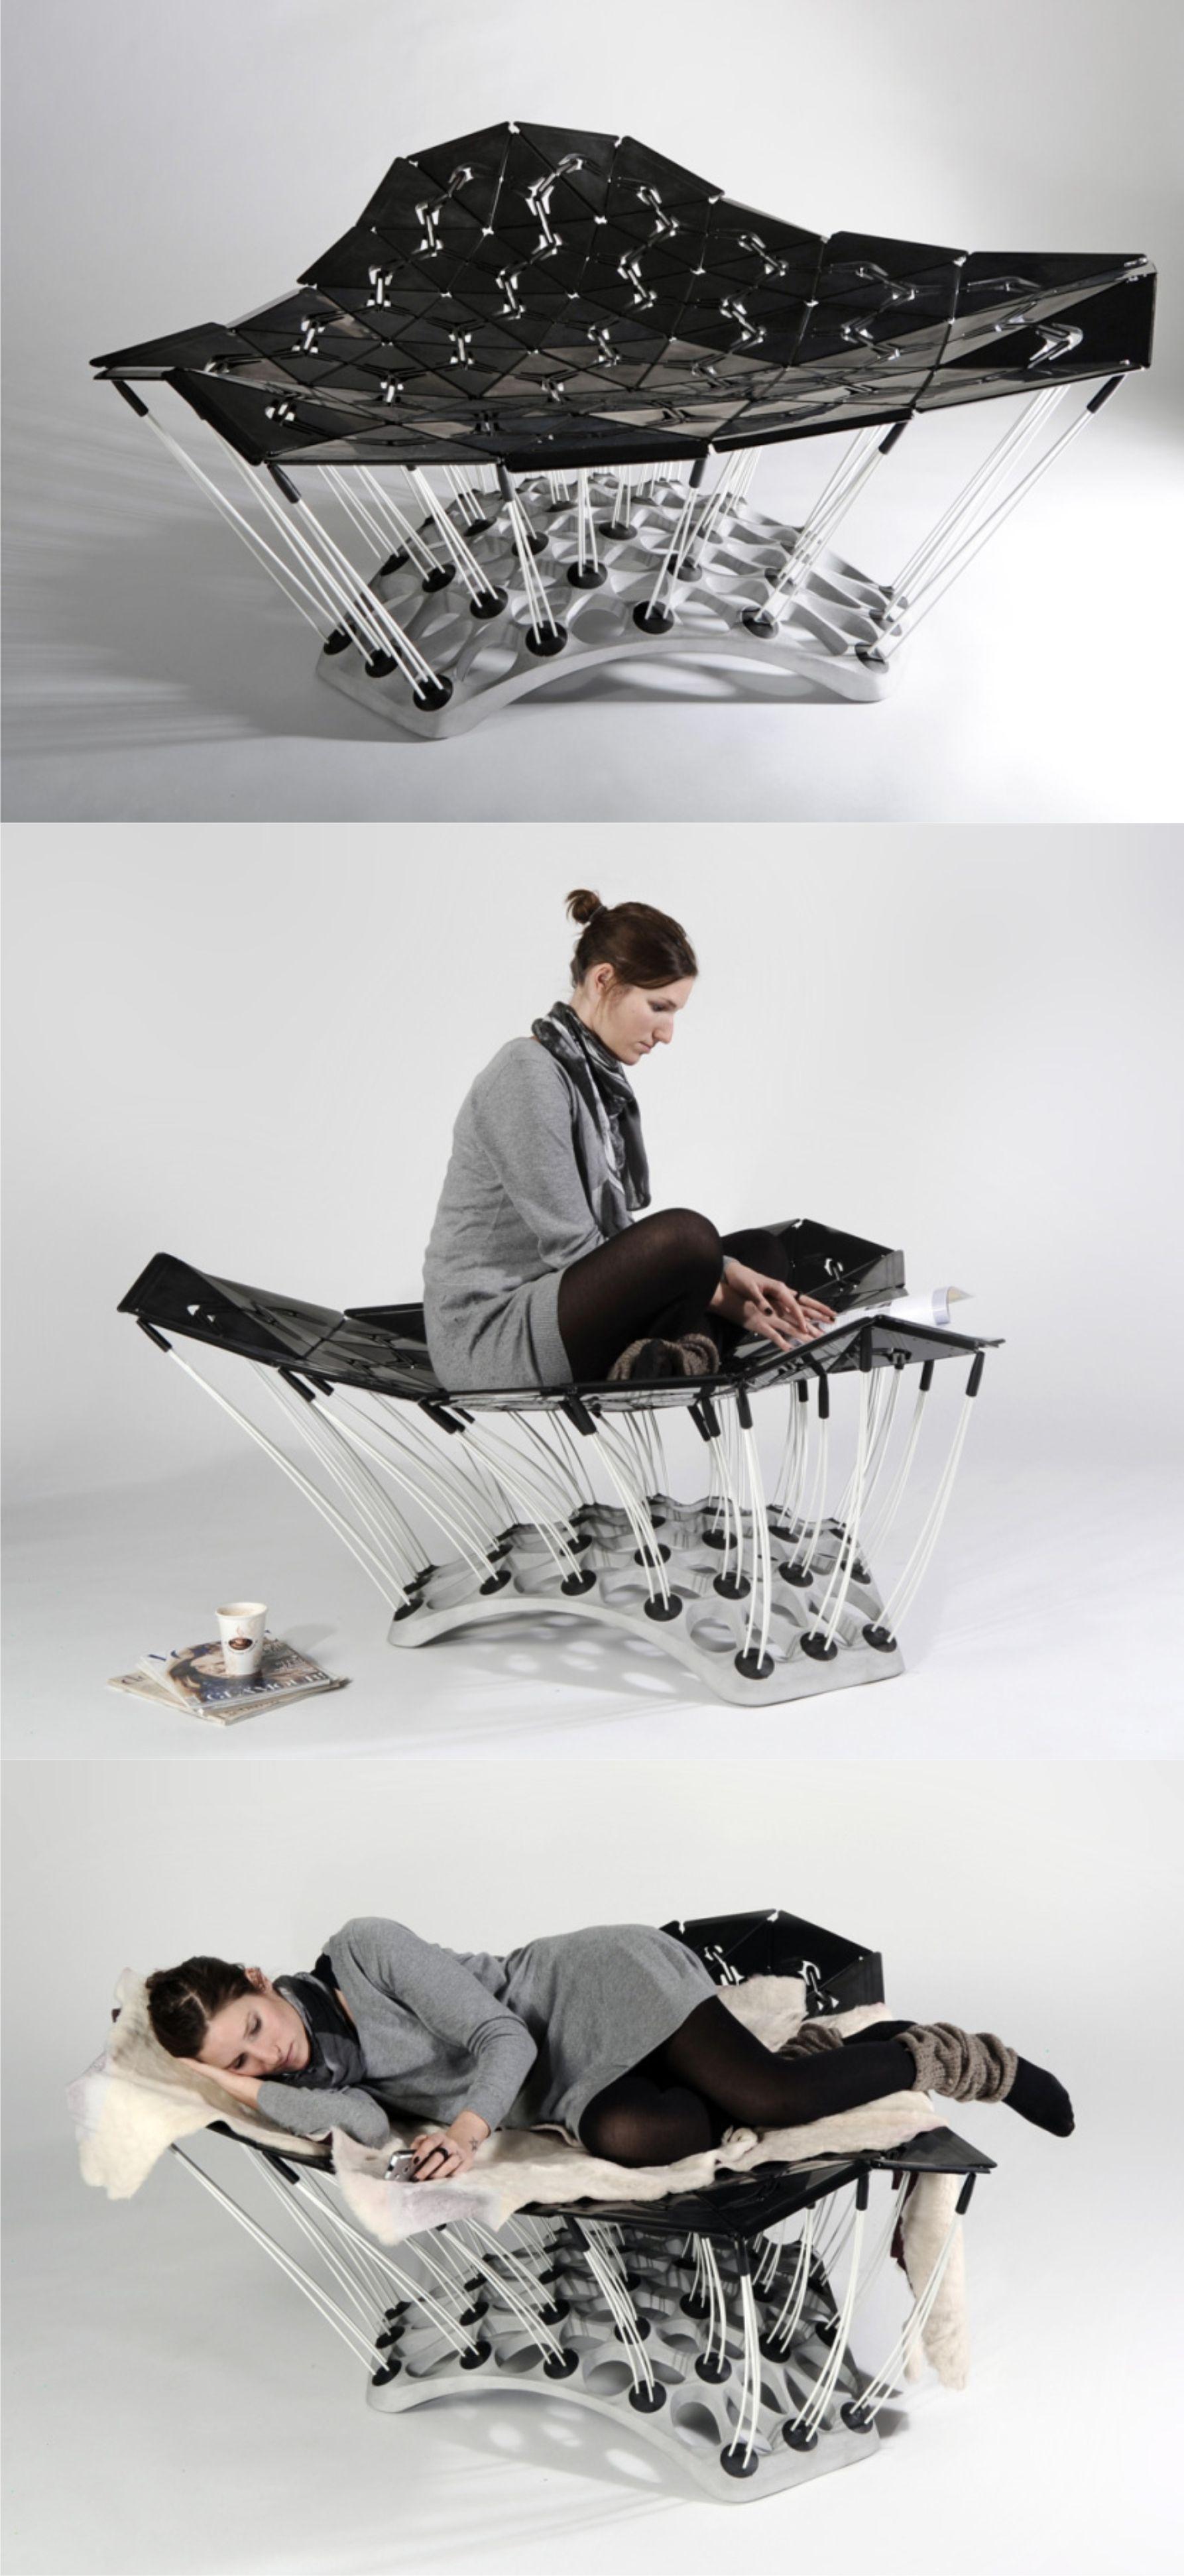 1001 Chair // Diseño: Thomas Hiemann and Markus Dilger //  Diseño con superficie instalada en un grupo de 90 barras elásticas reclinables que se adaptan a la forma del usuario, sin importa la posición, la silla se adapta la postura del cuerpo y brinda la mejor comodidad. Su estructura cuenta con un patrón geométrico que hace parecer que se estuviera suspendido en el aire.